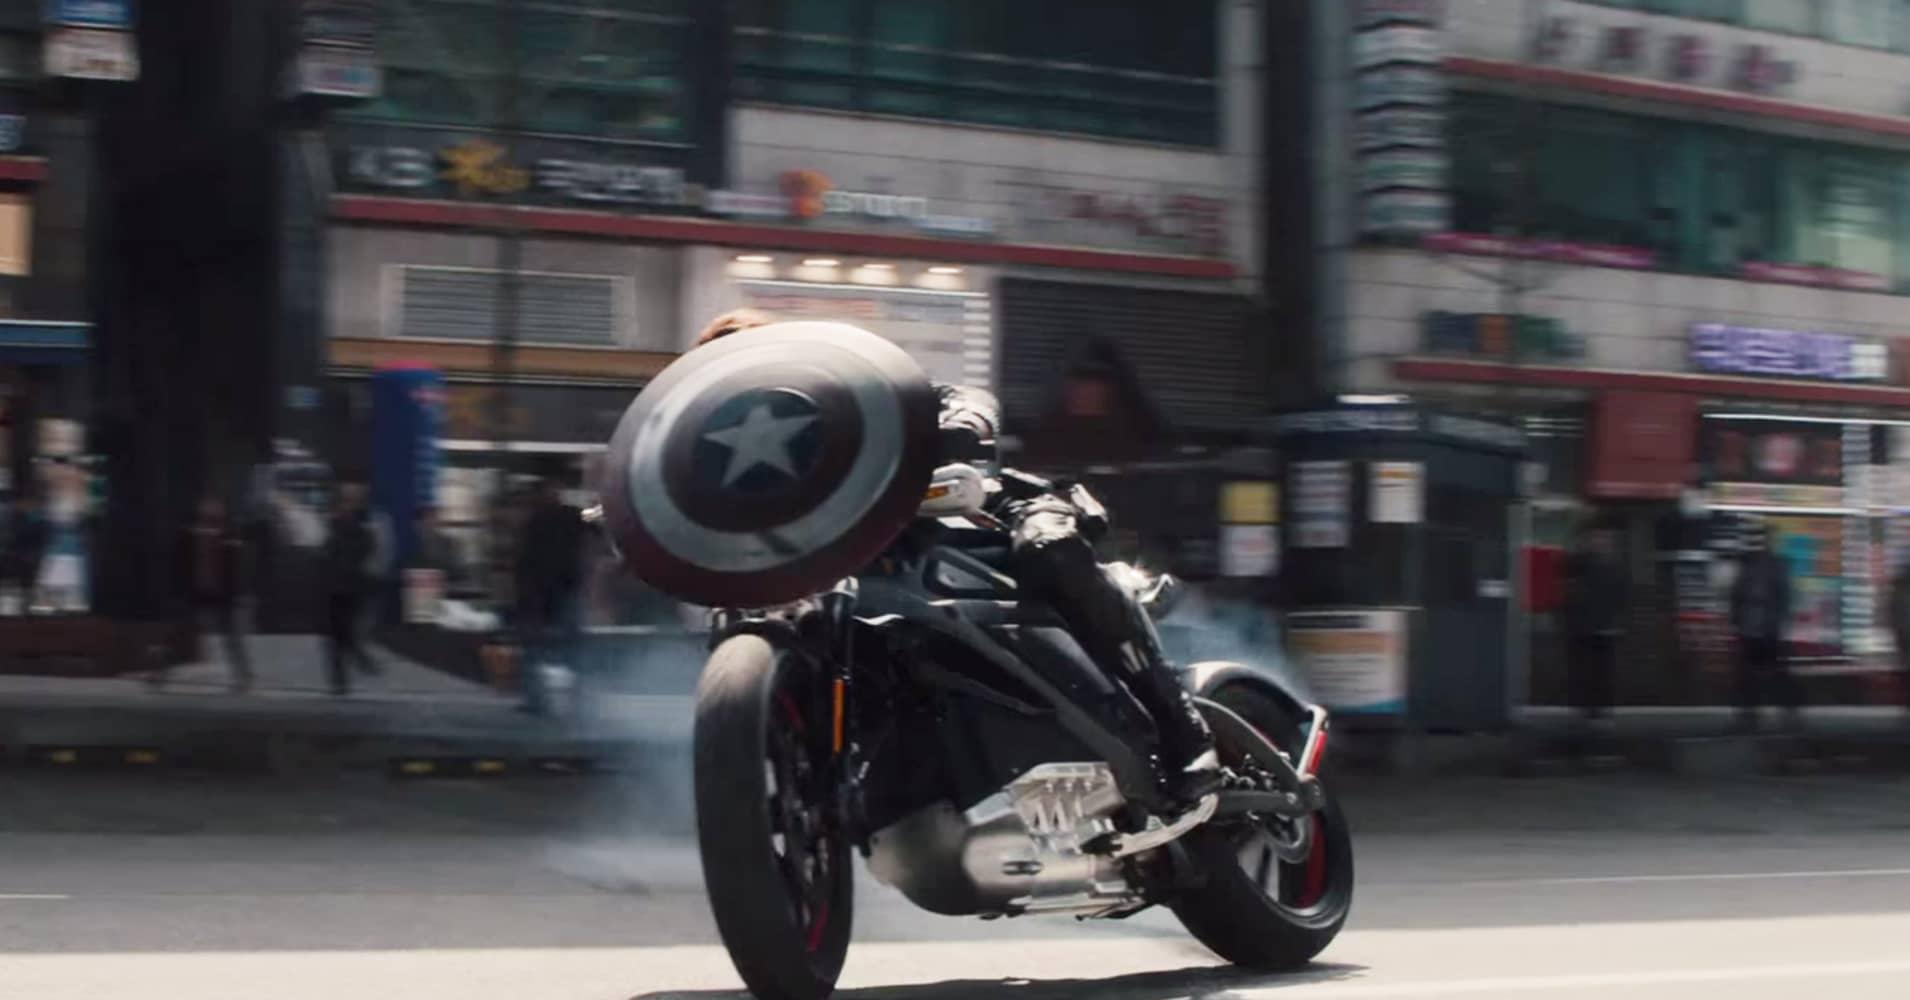 Harley Davidson Movie: Harley Chief Loves ScarJo's 'Avengers' Electric Bike